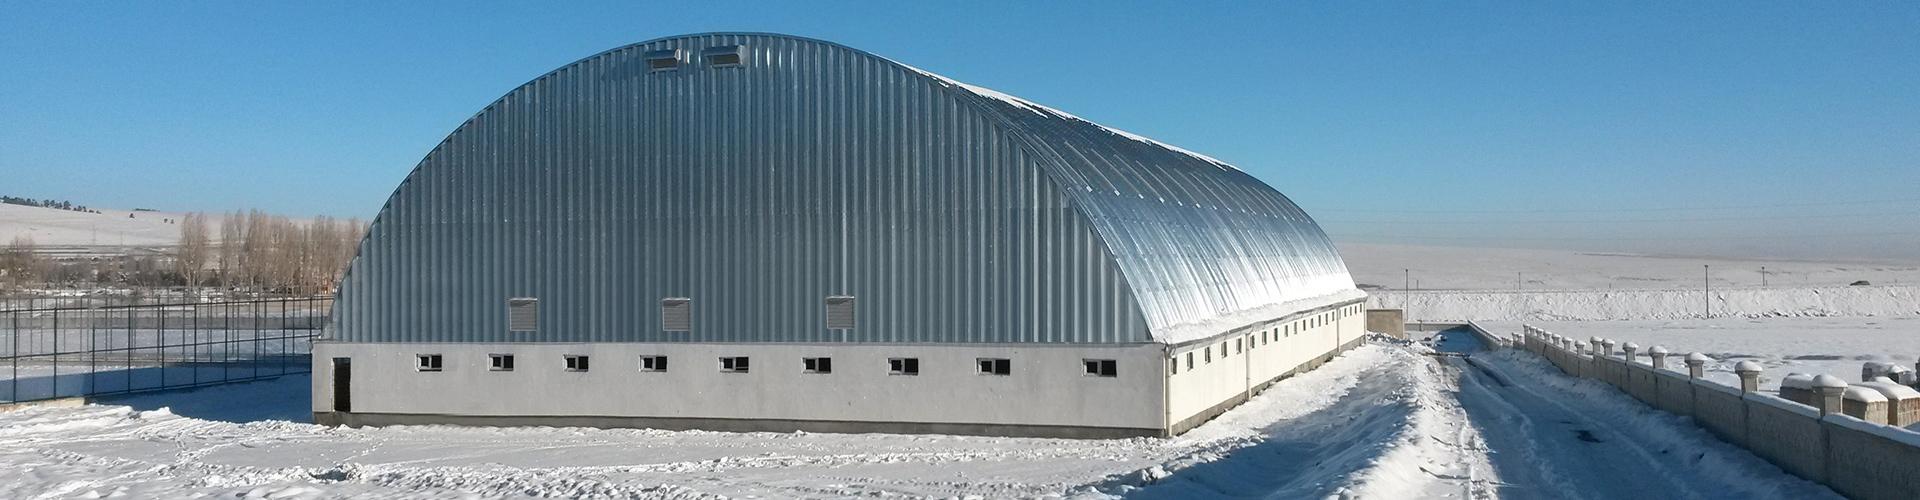 banner_hangar_2